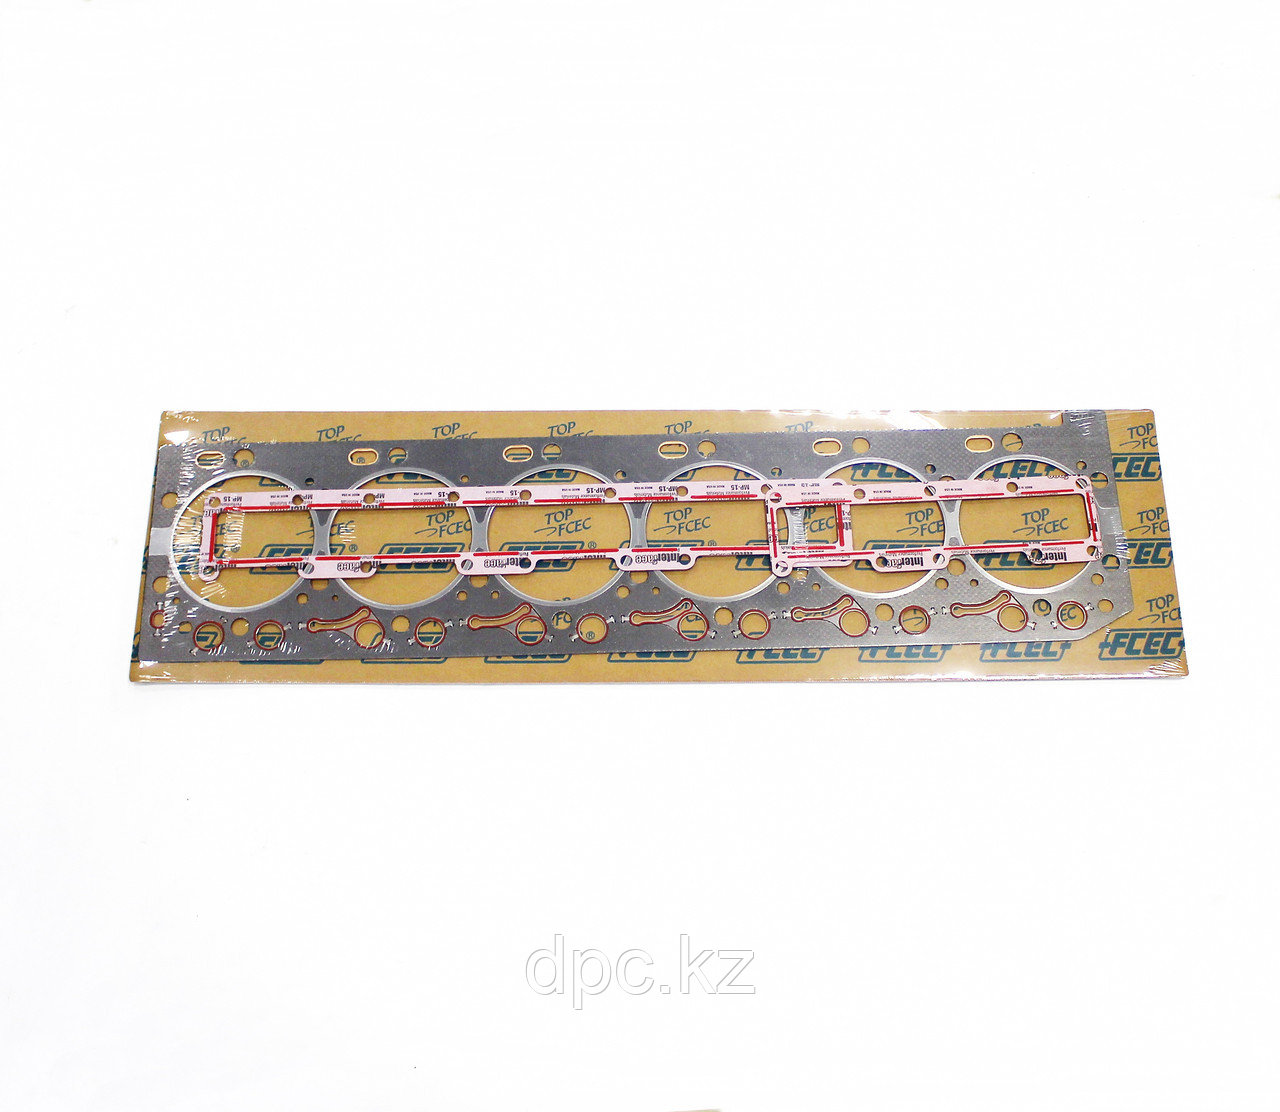 Комплект прокладок верхний FCEC для двигателя Cummins ISLe QSL 4089758 5579029